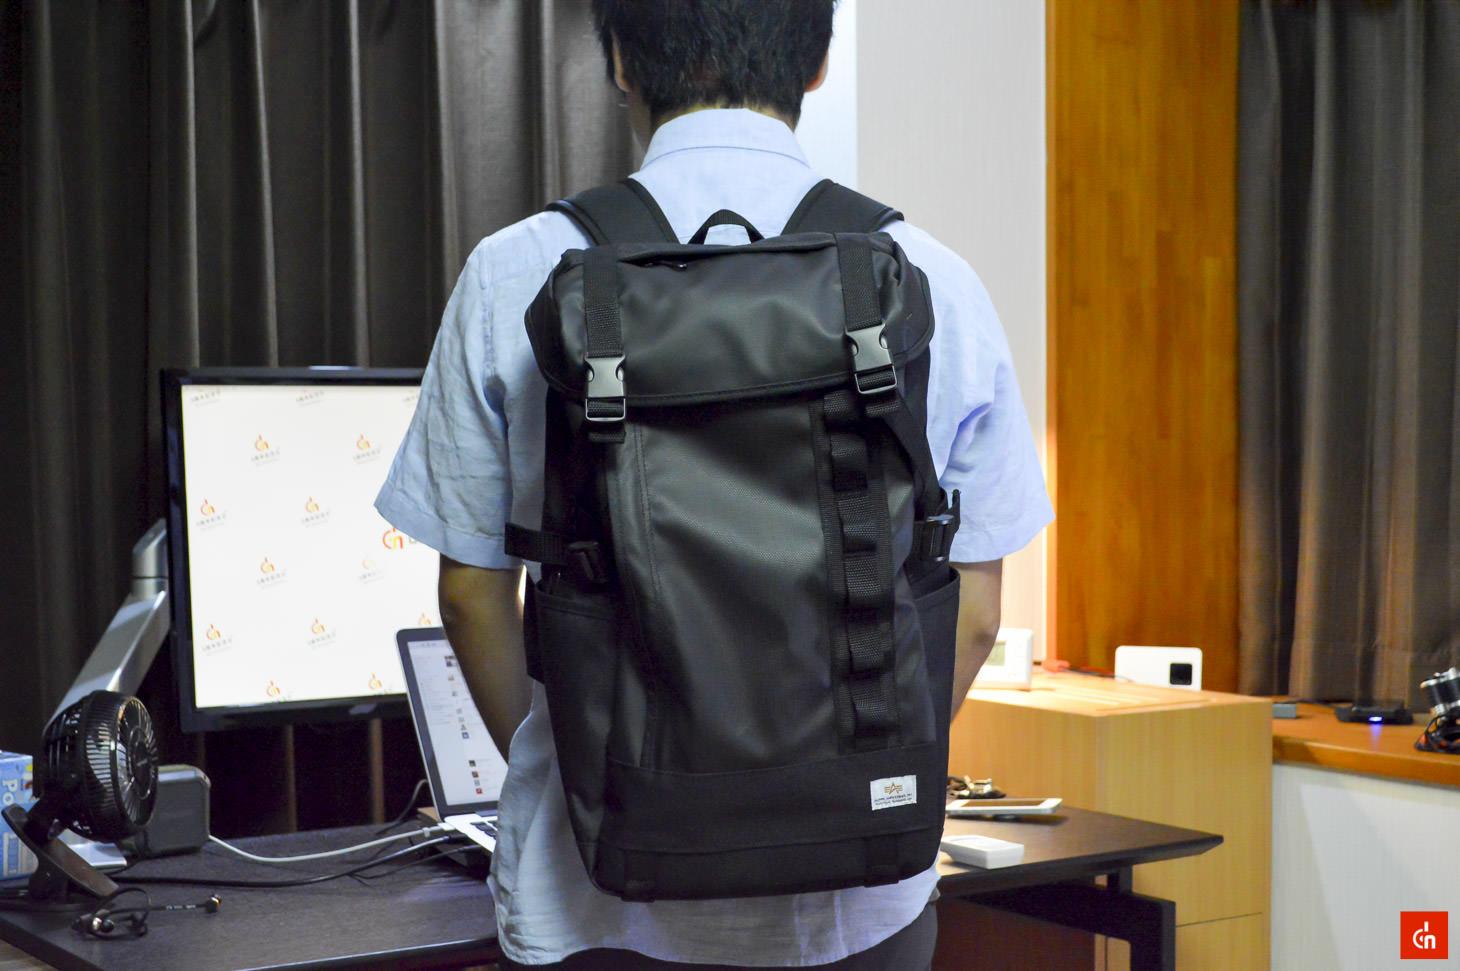 063_20160707_sanwa-square-bag